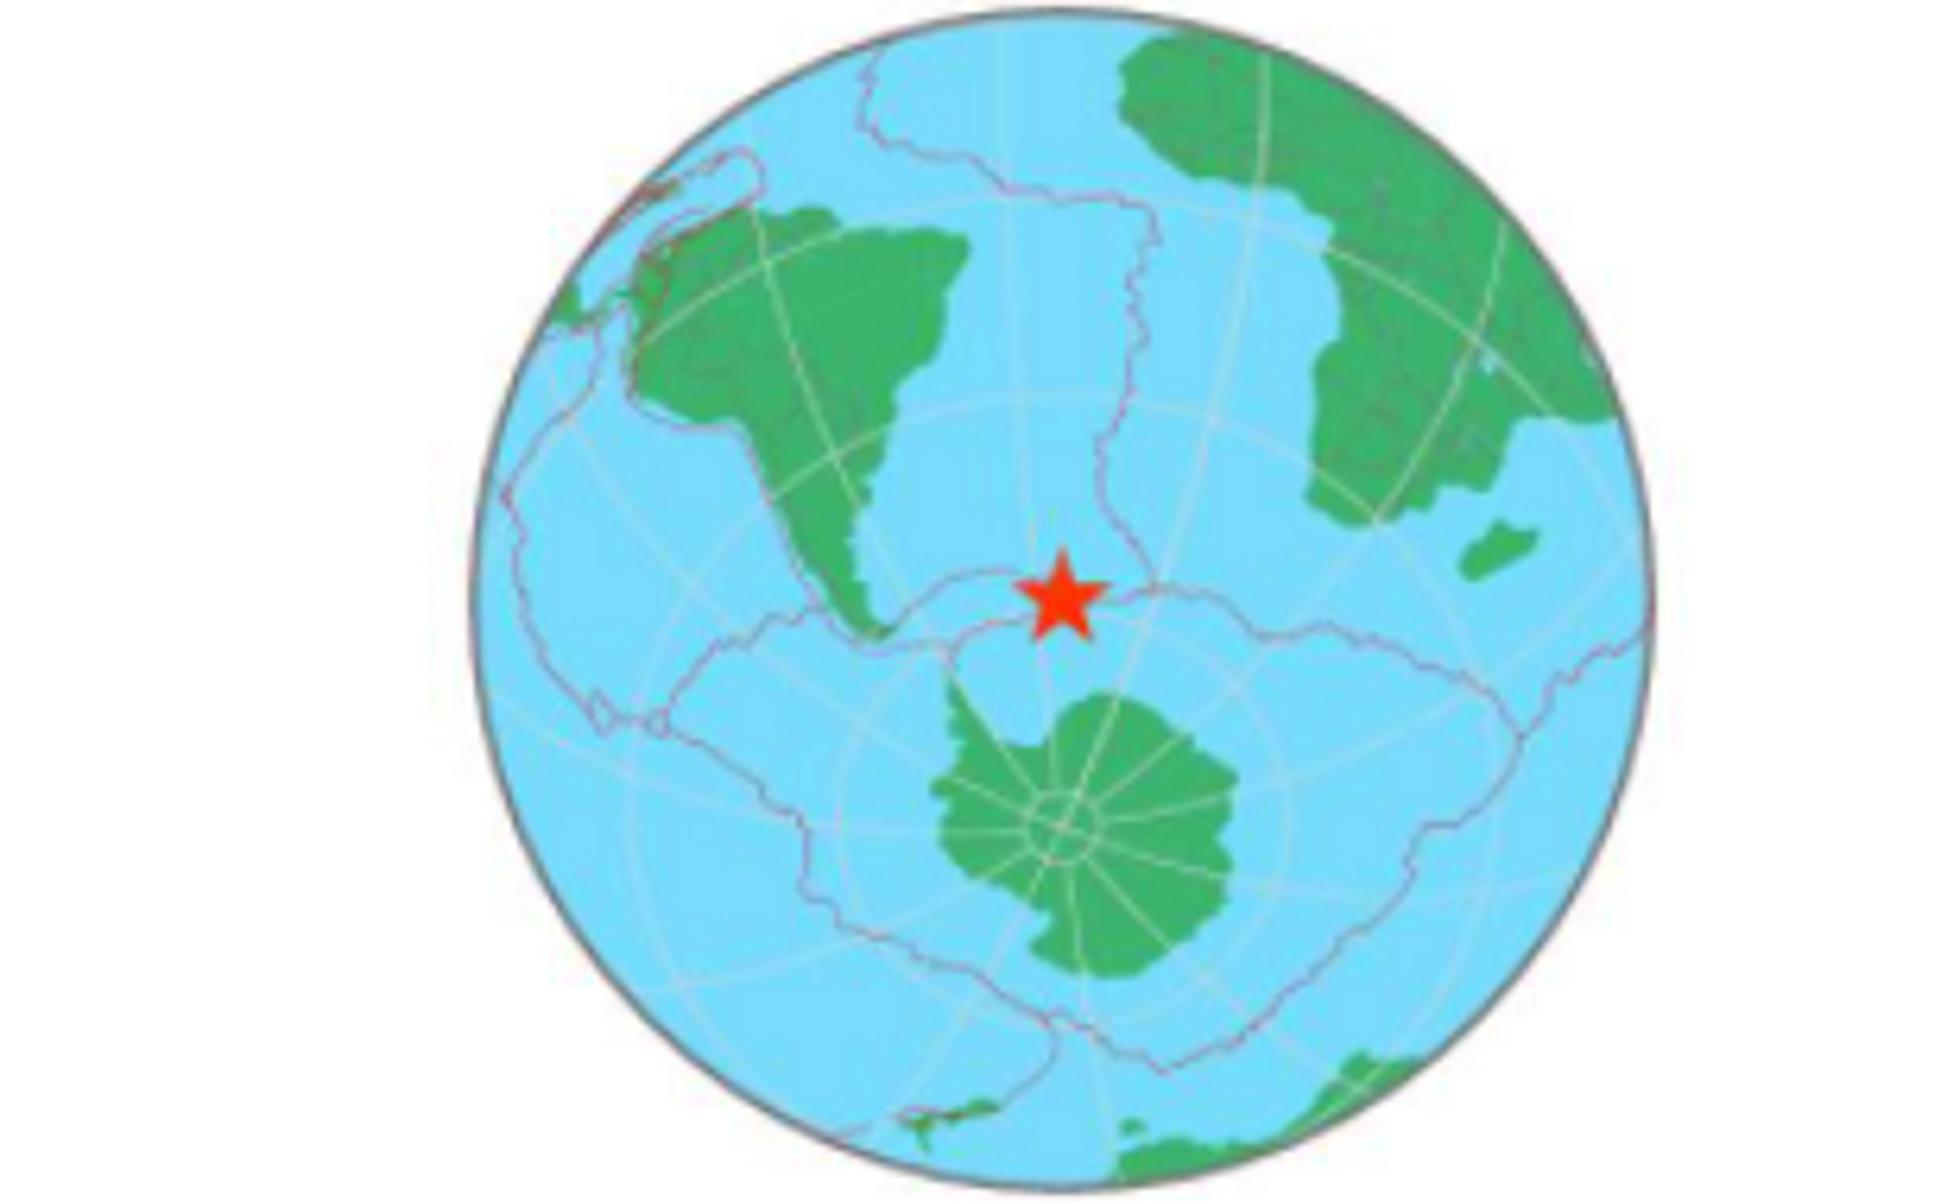 Ισχυρότατος σεισμός 6,9 ρίχτερ συγκλόνισε τα Νησιά Σάντουιτς